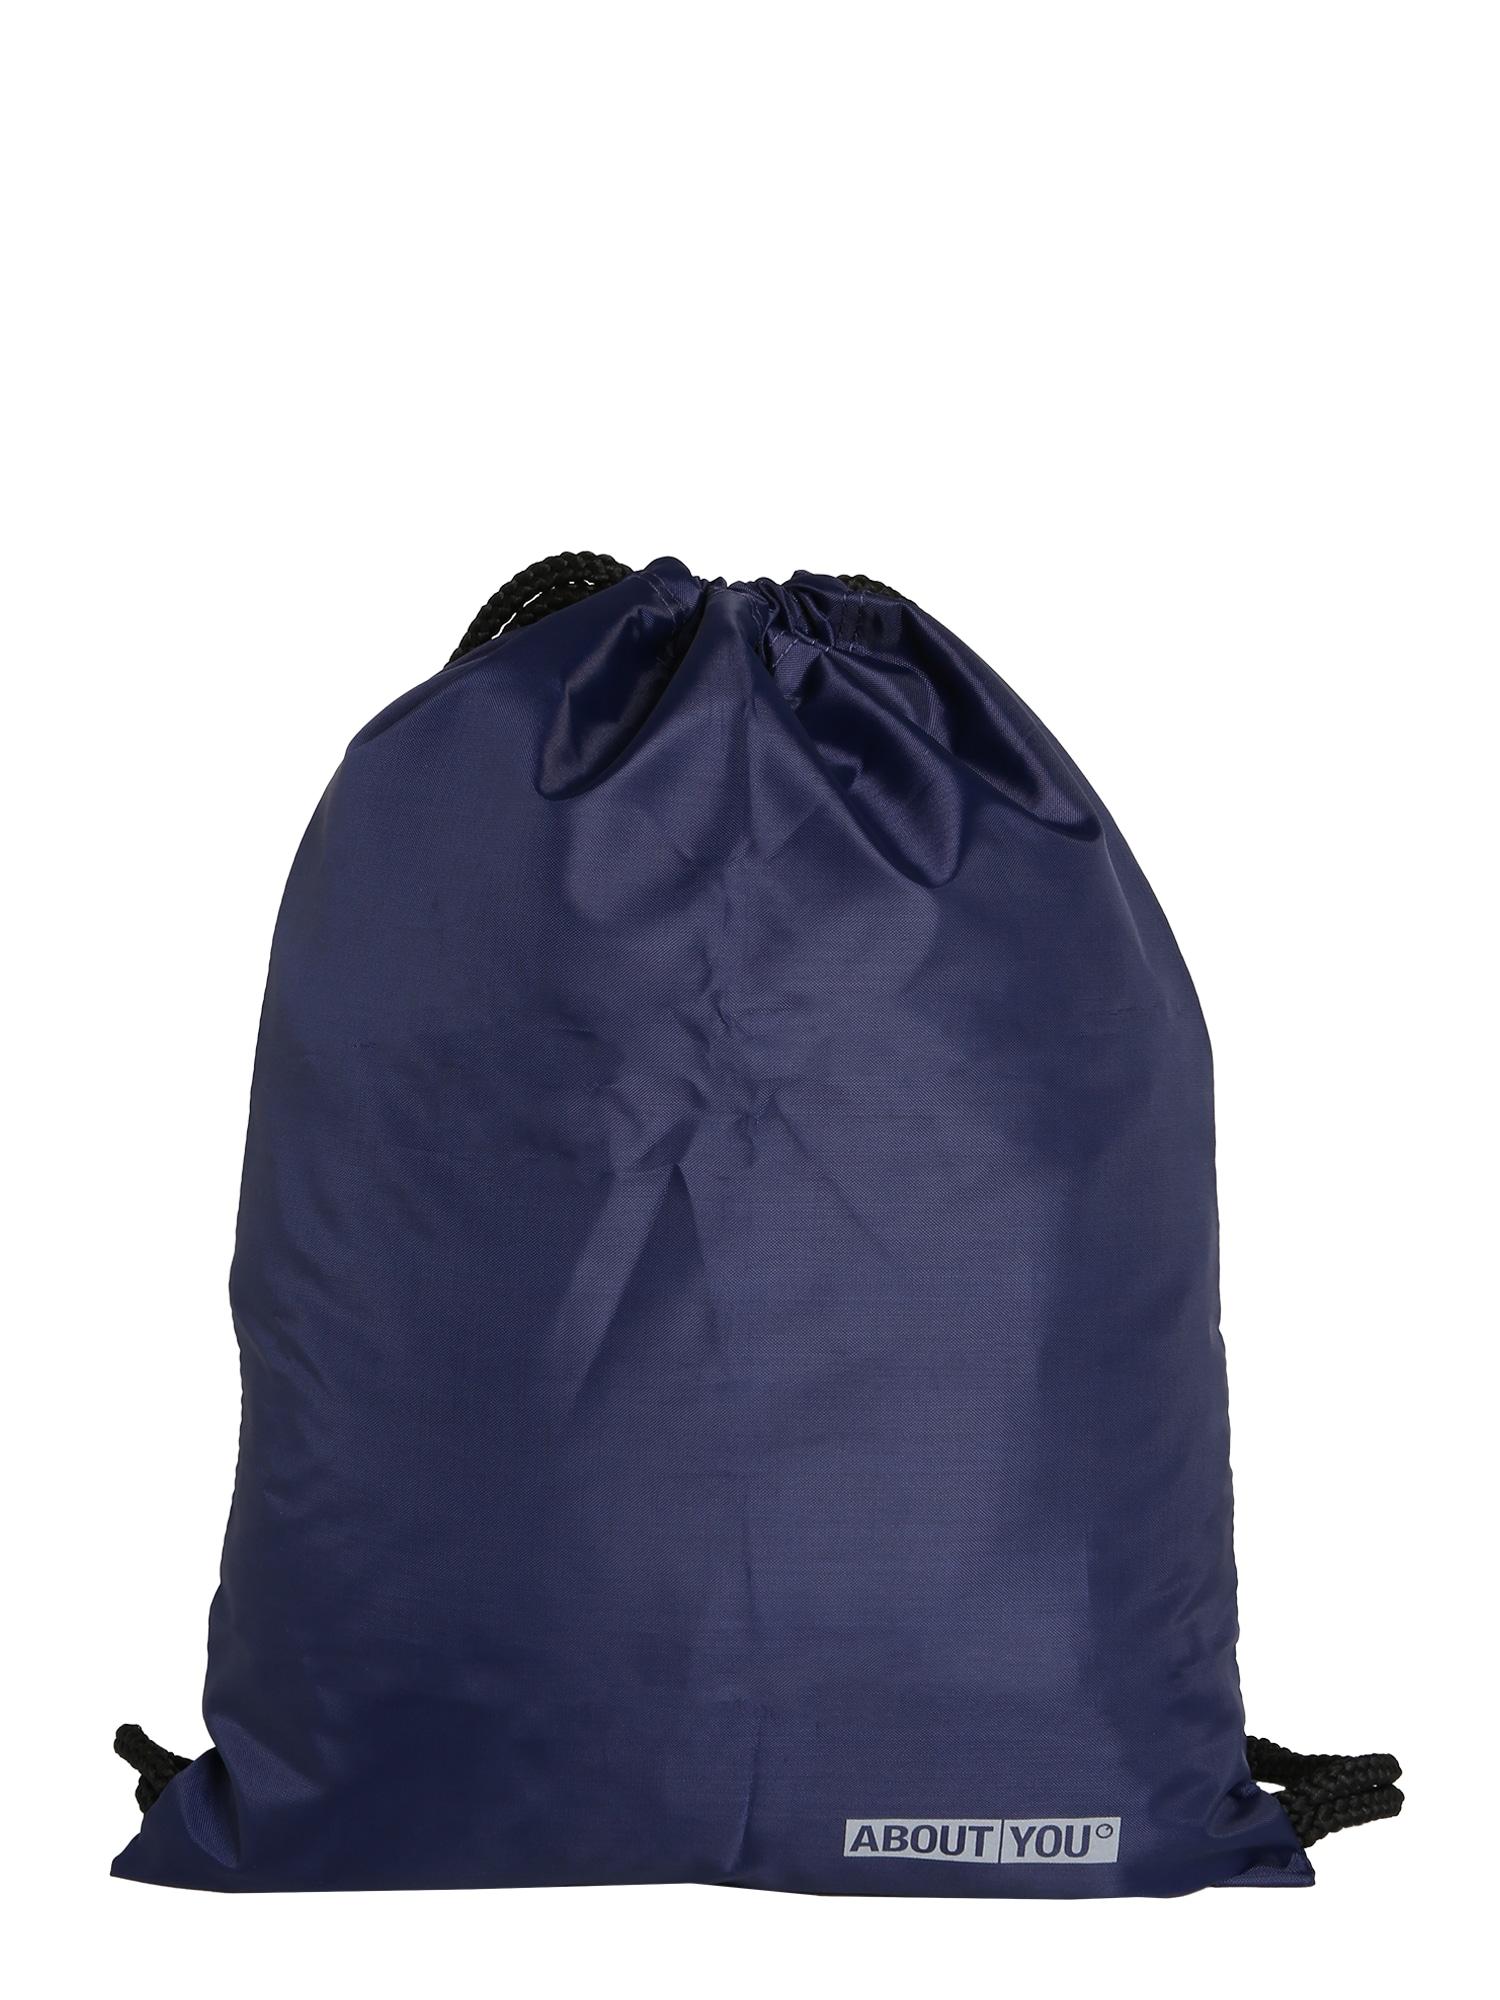 ABOUT YOU Sportinis krepšys-maišas mėlyna